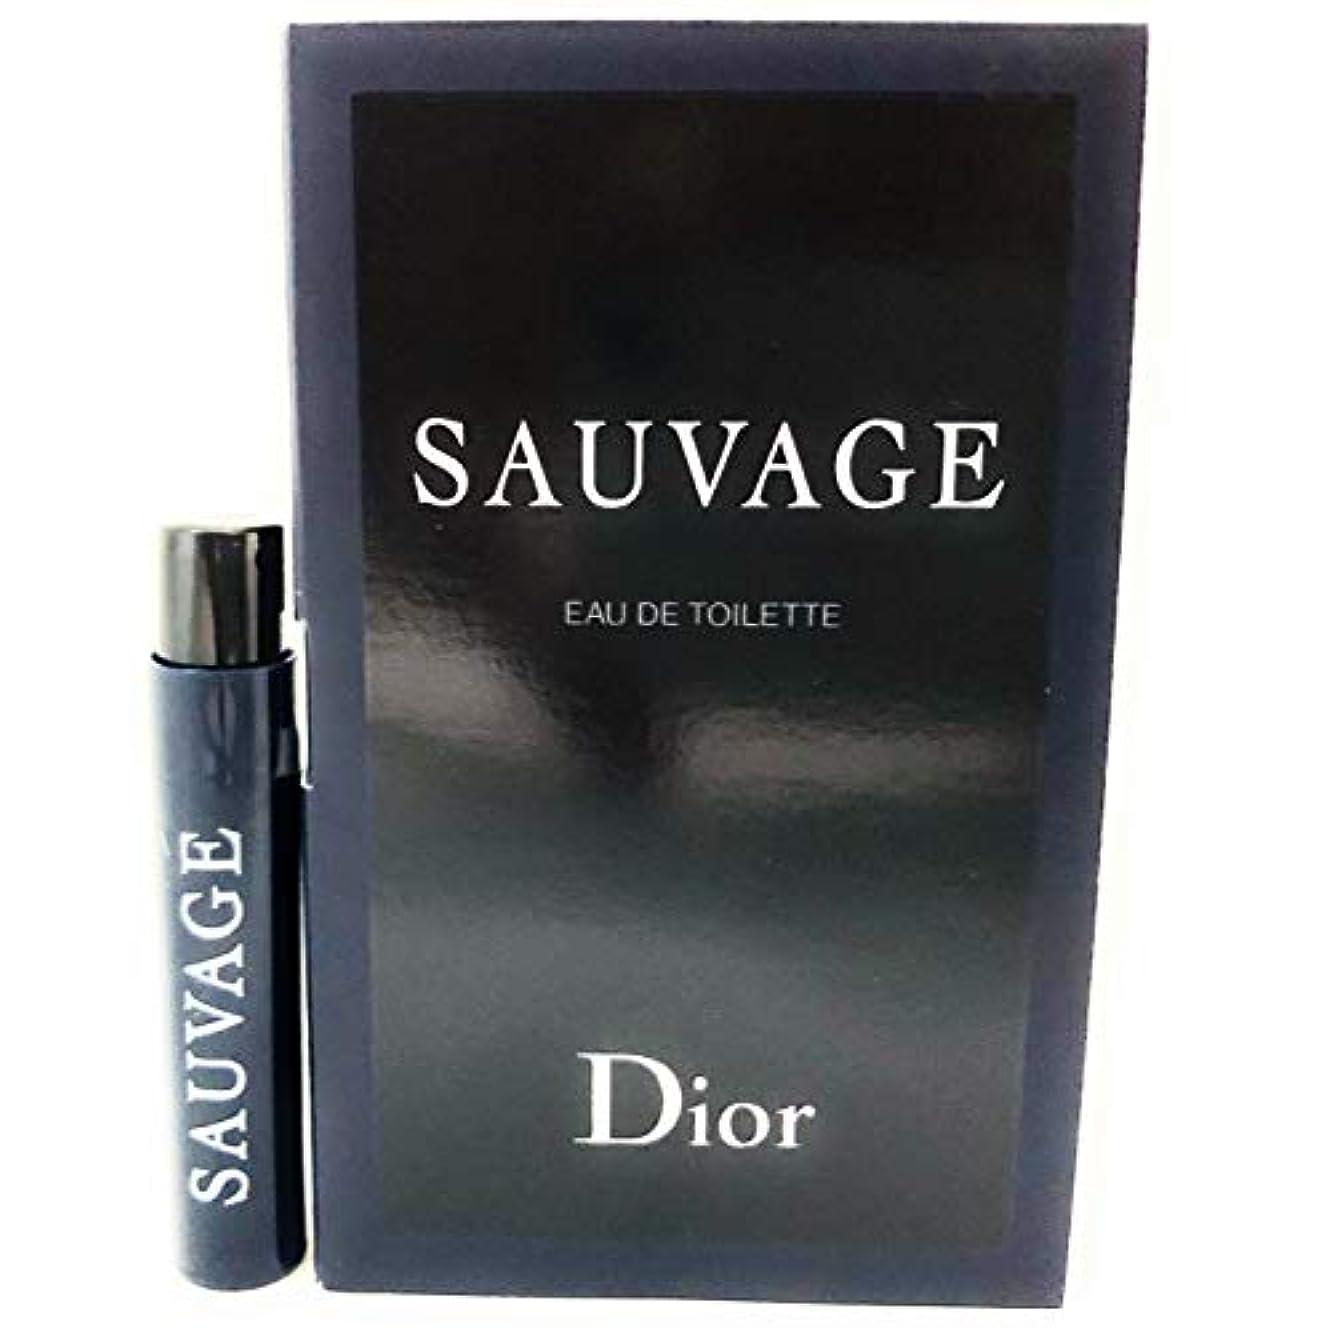 コモランマ称賛傷つきやすいクリスチャン ディオール(Christian Dior) ソヴァージュ オードゥ トワレ 1ml サンプルサイズ[並行輸入品]